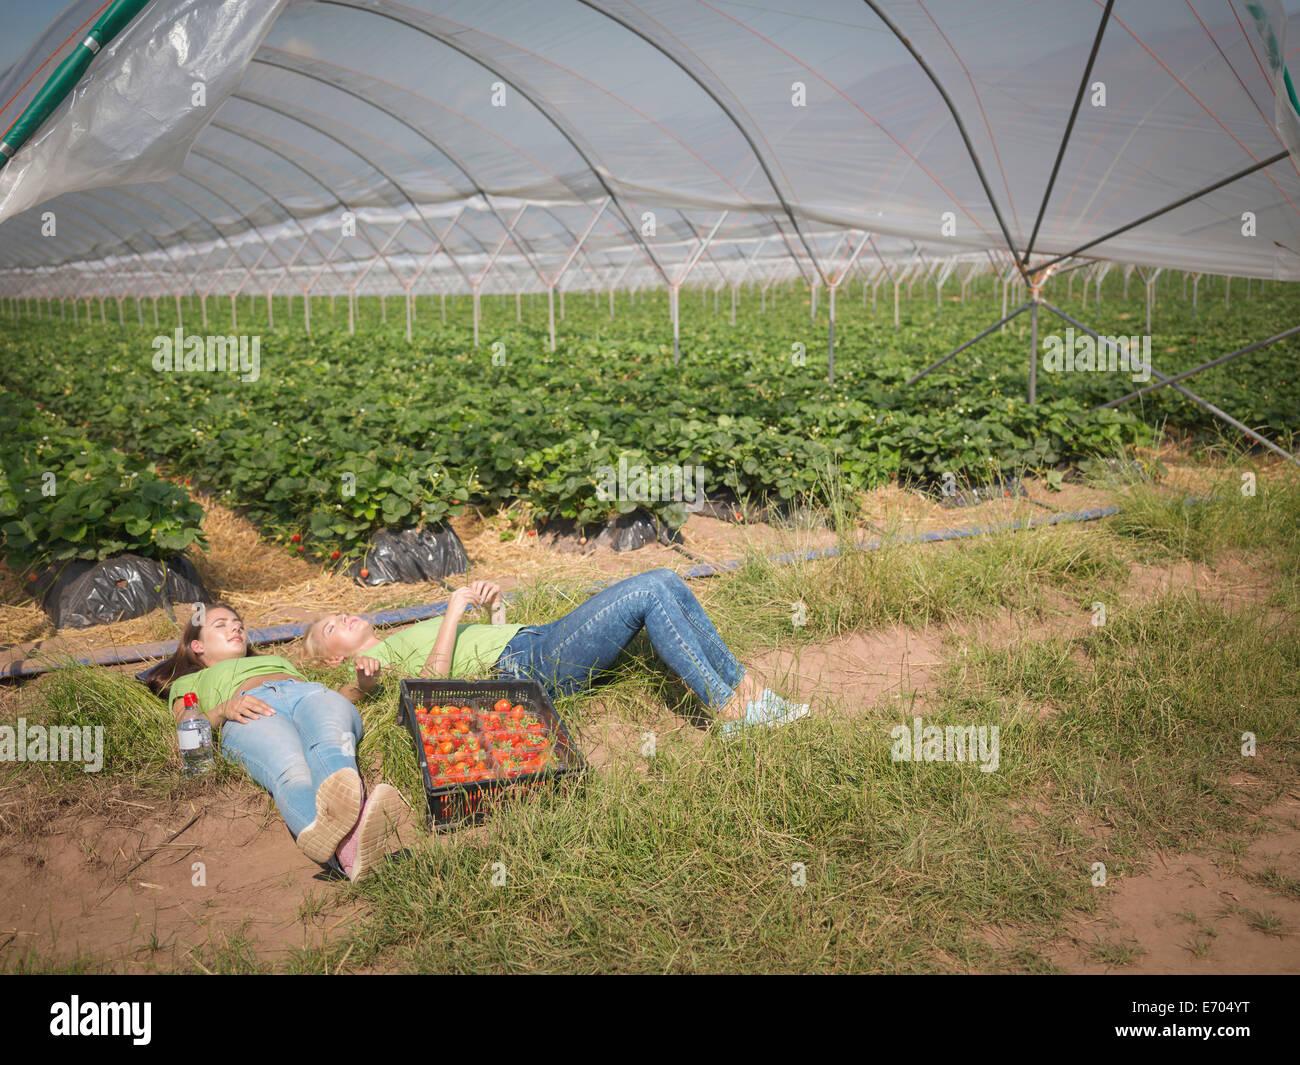 Los recolectores de fresas descansando cerca polytunnel de granja de frutas Imagen De Stock